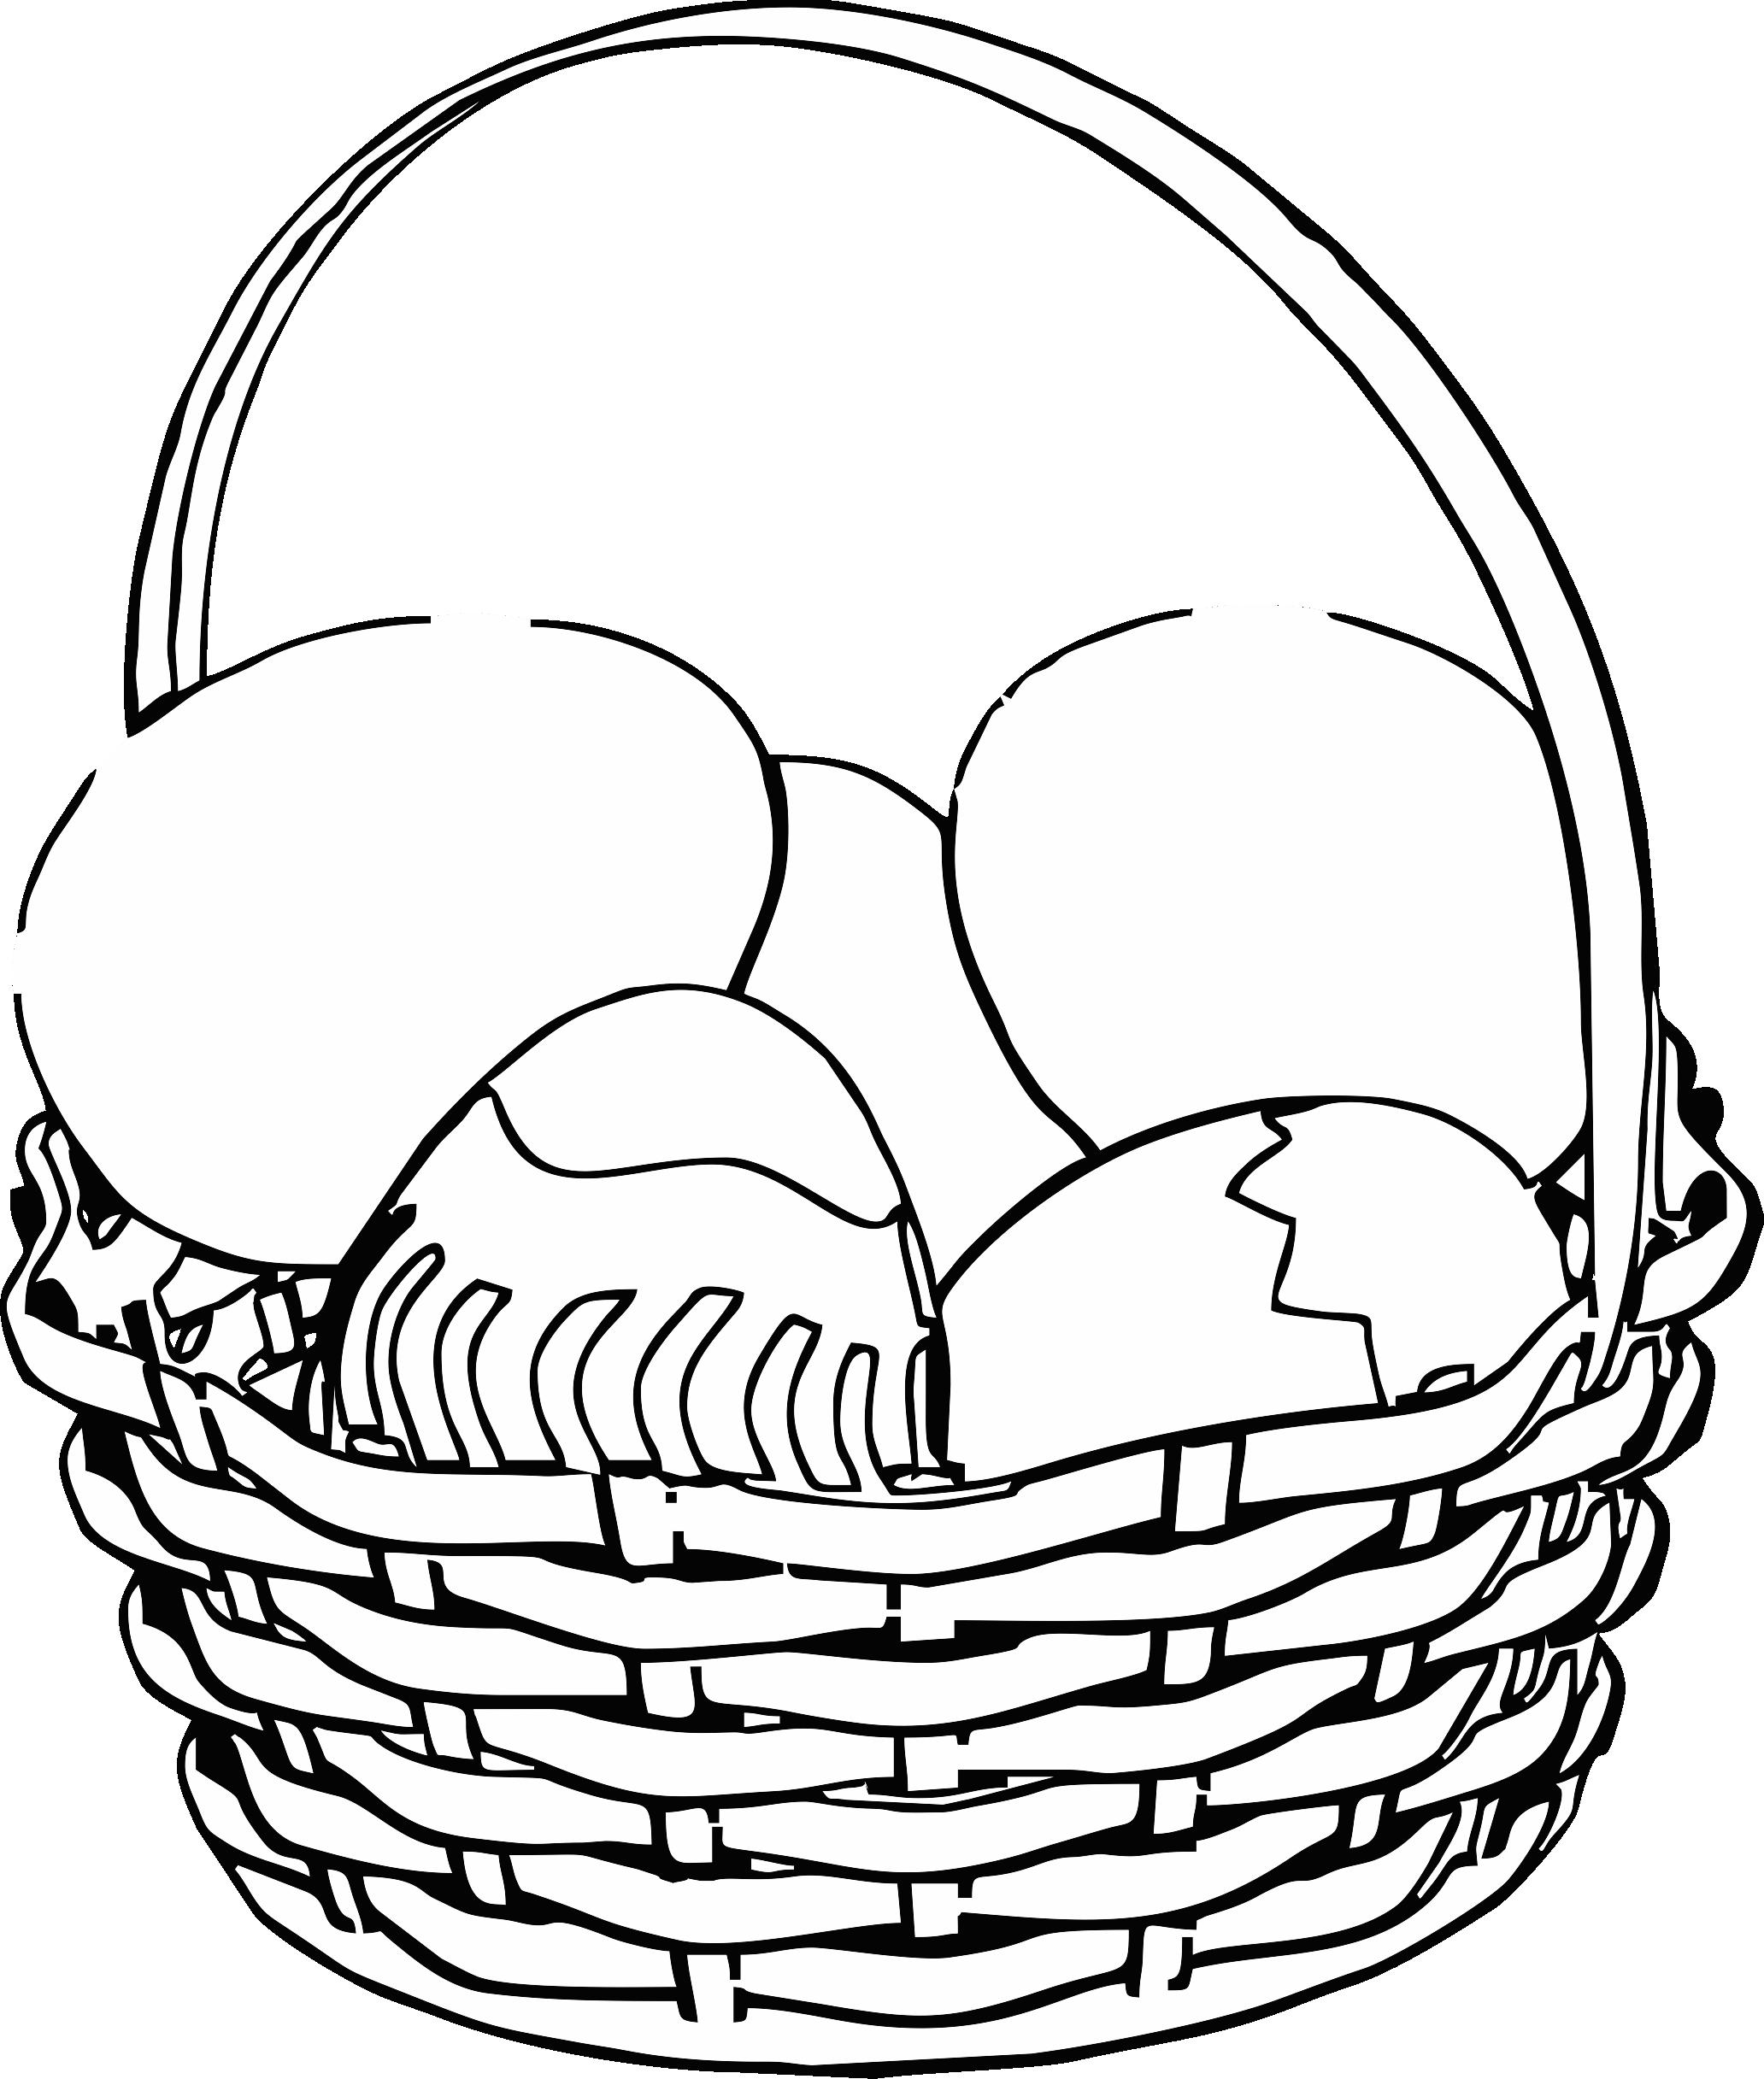 malvorlagen ostern pdf erstellen